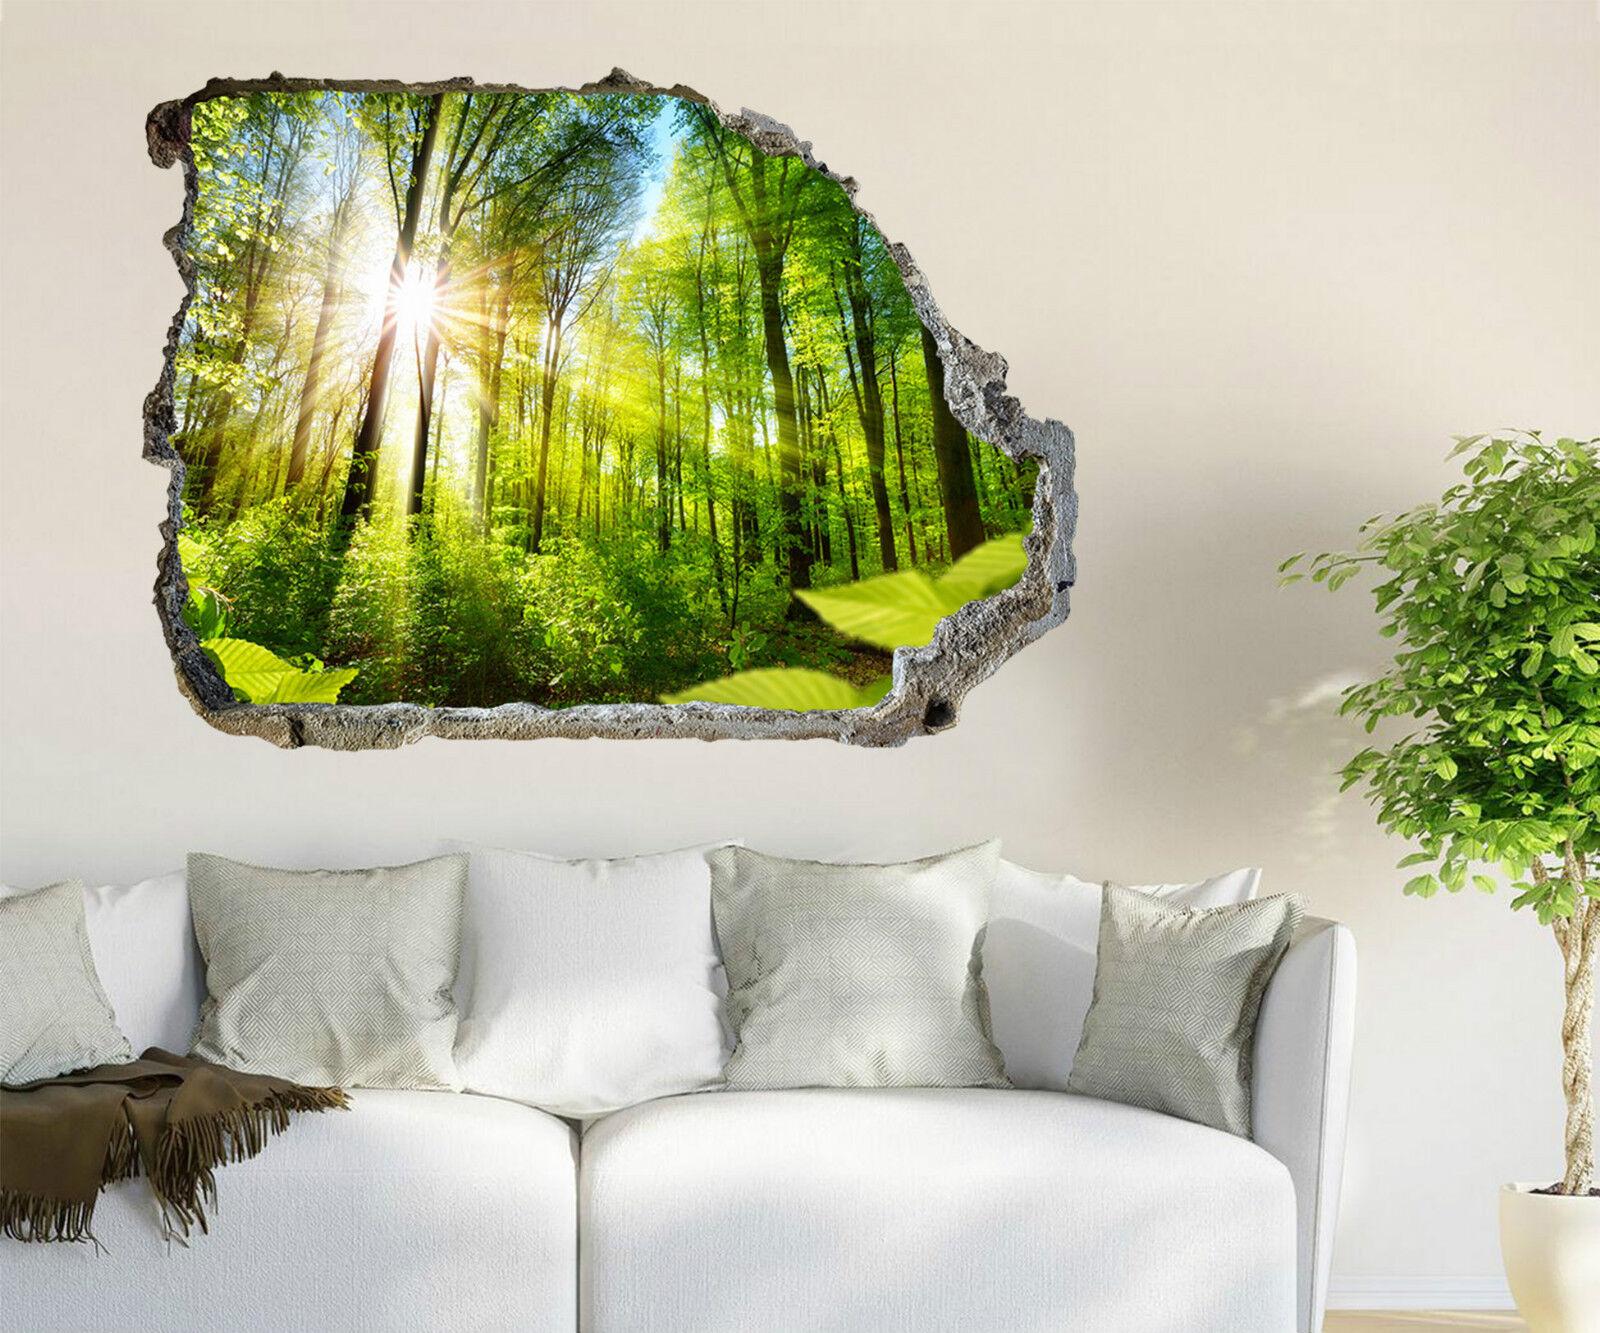 3D Sonnenschein 632 Mauer Murals Aufklebe Decal Durchbruch AJ WALLPAPER DE Lemon